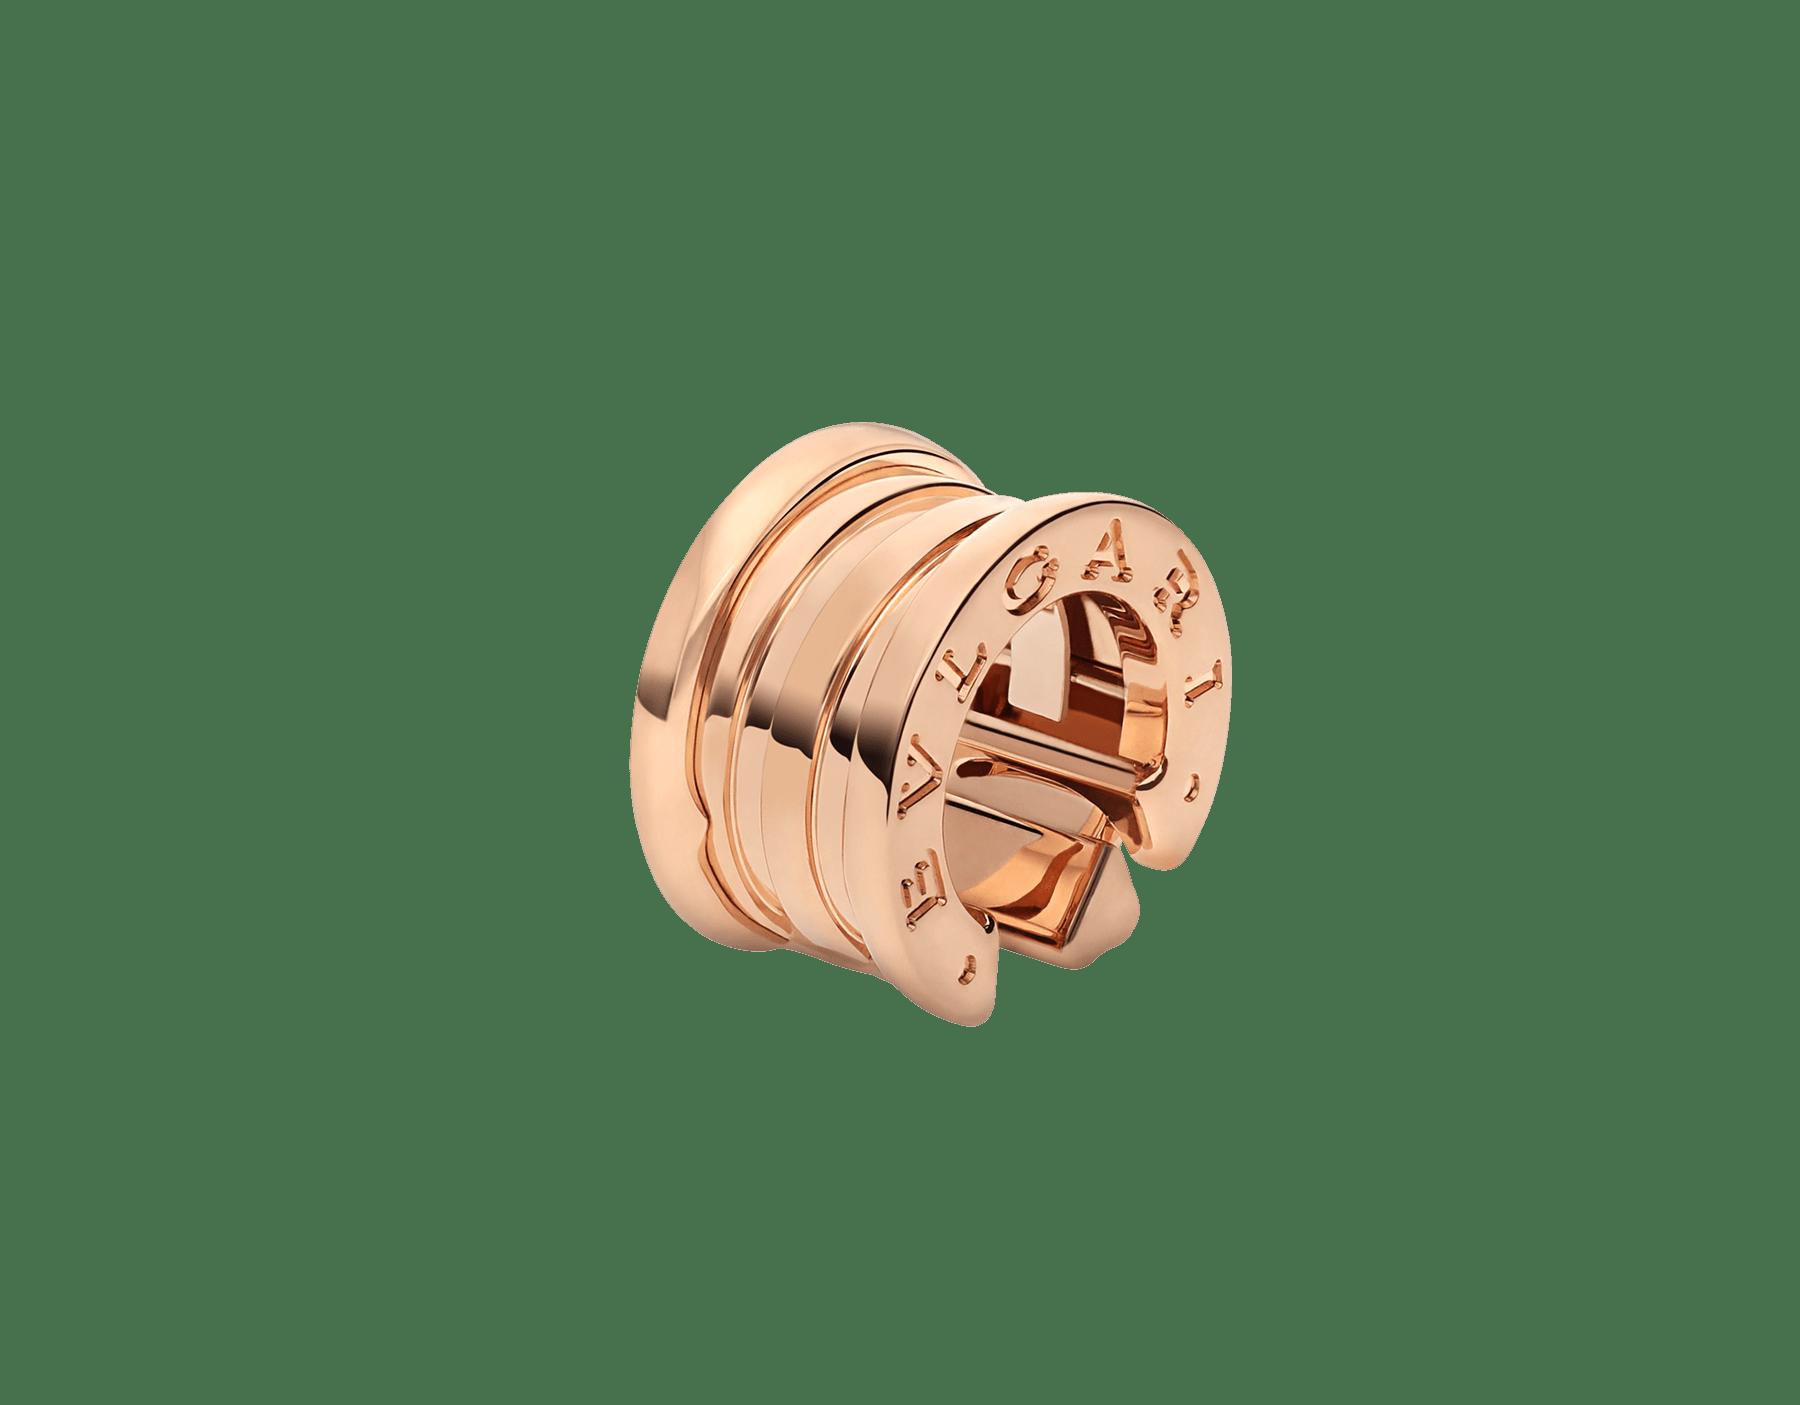 Boucle d'oreille unique B.zero1 en or rose 18K 356163 image 1